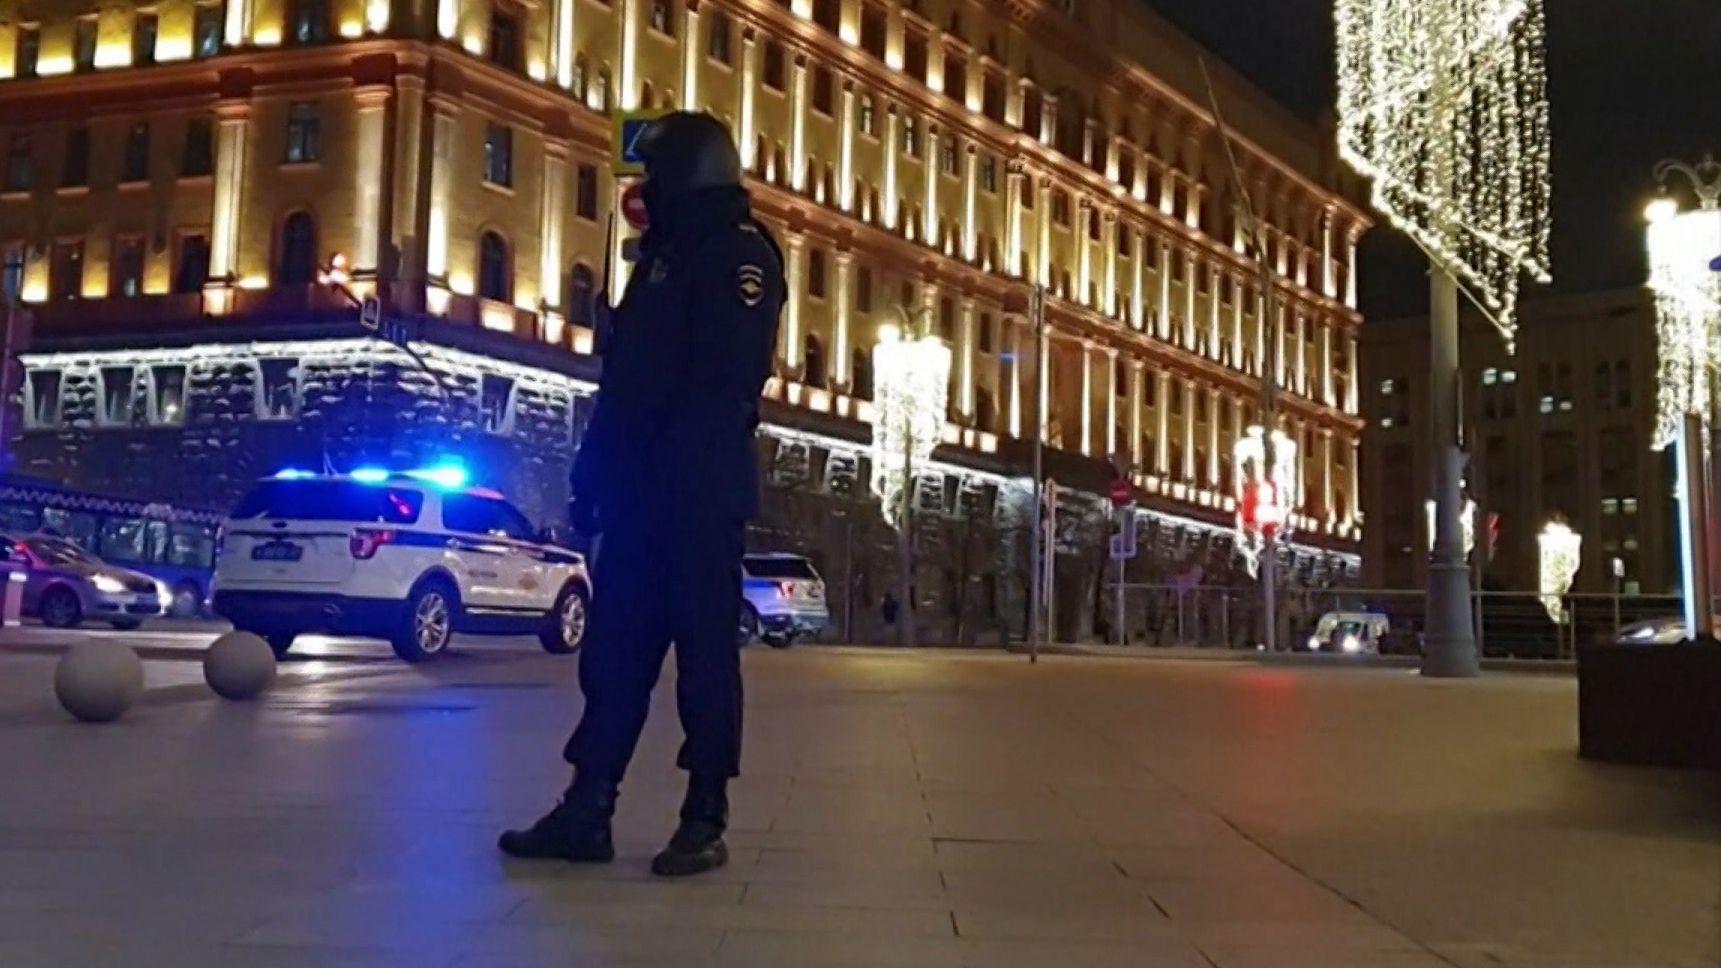 Ein Unbekannter hat an der Zentrale des russischen Inlandsgeheimdienstes FSB mit einer Maschinenpistole auf Menschen geschossen.